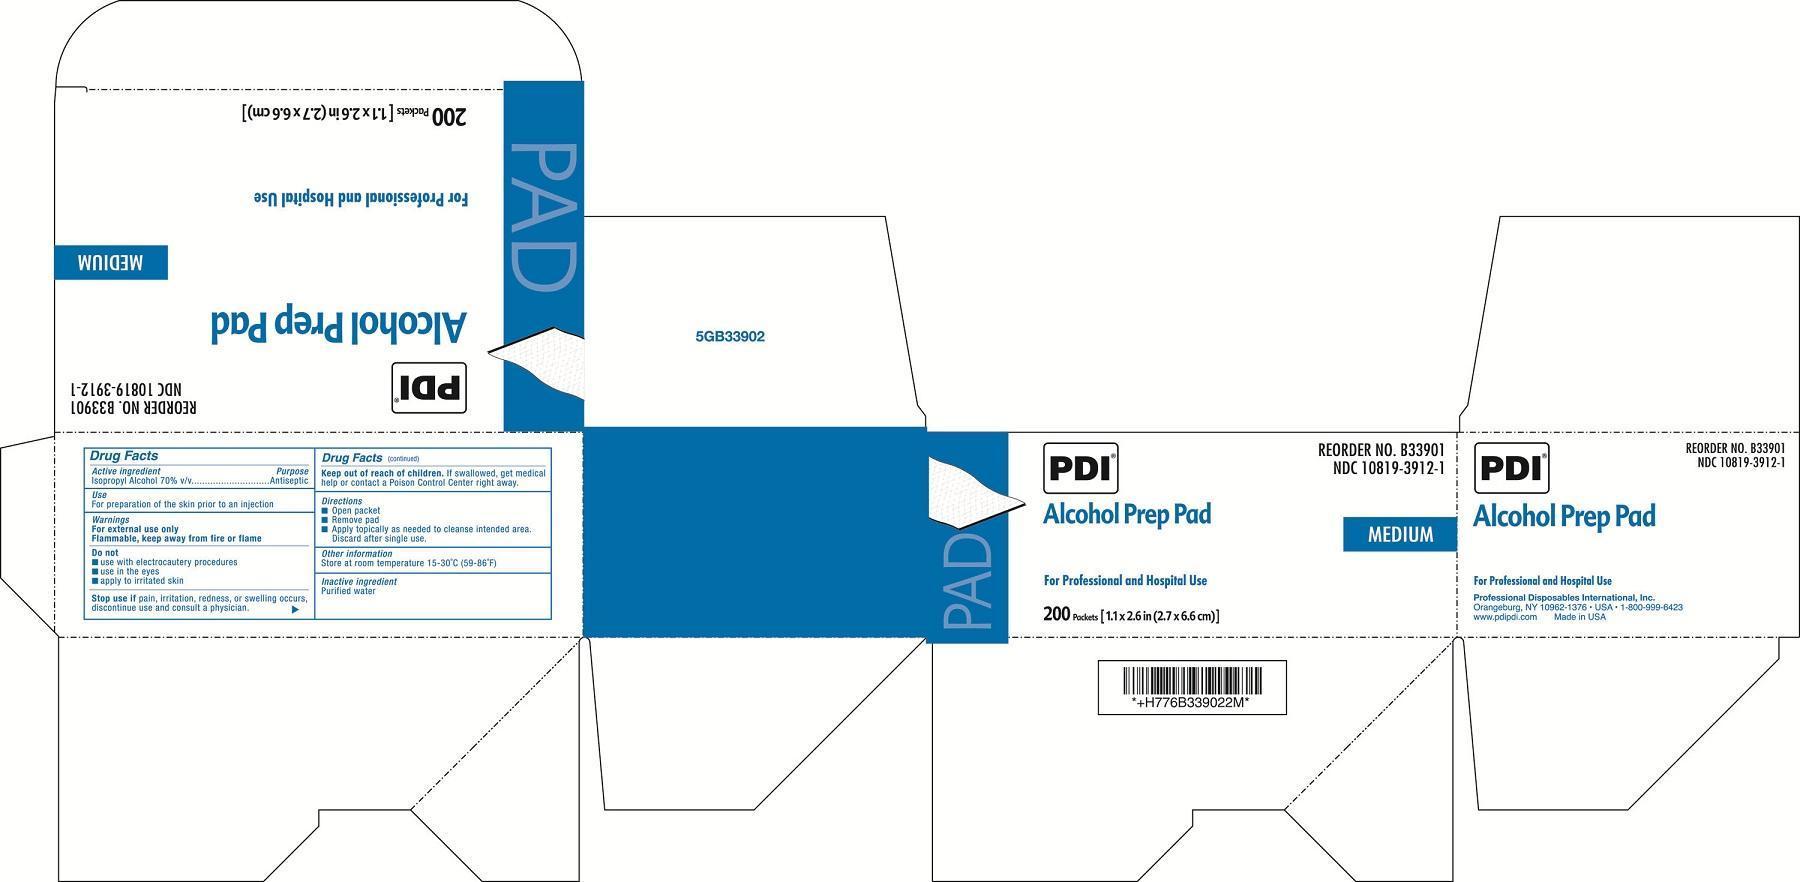 Image of Medium Box Label